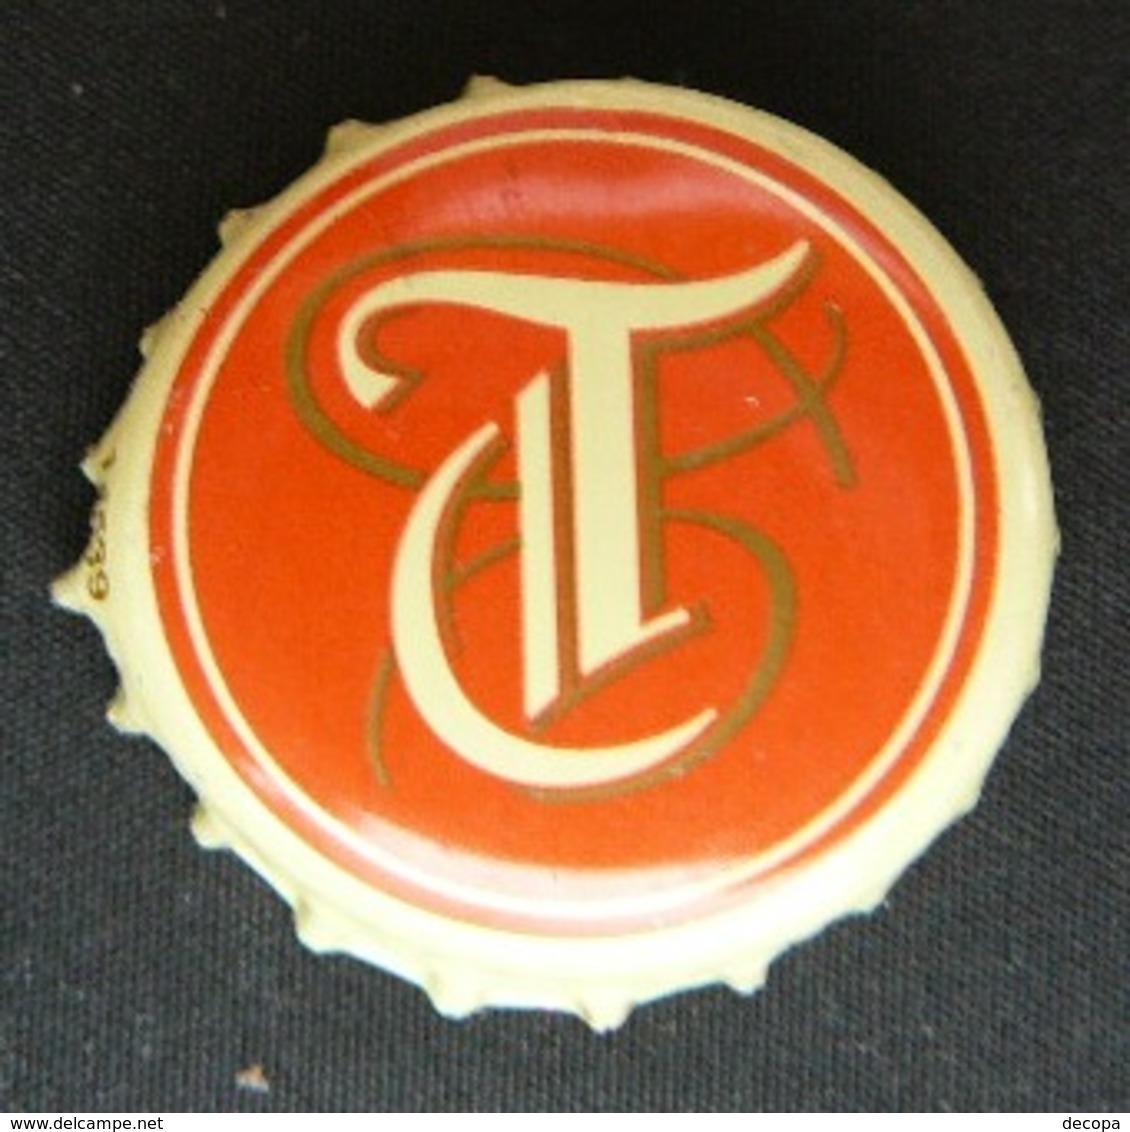 (db-076) Netherlands - Pays-Bas  -  Nederland   Capsule  Trappist  La Trappe Tripel - Bière